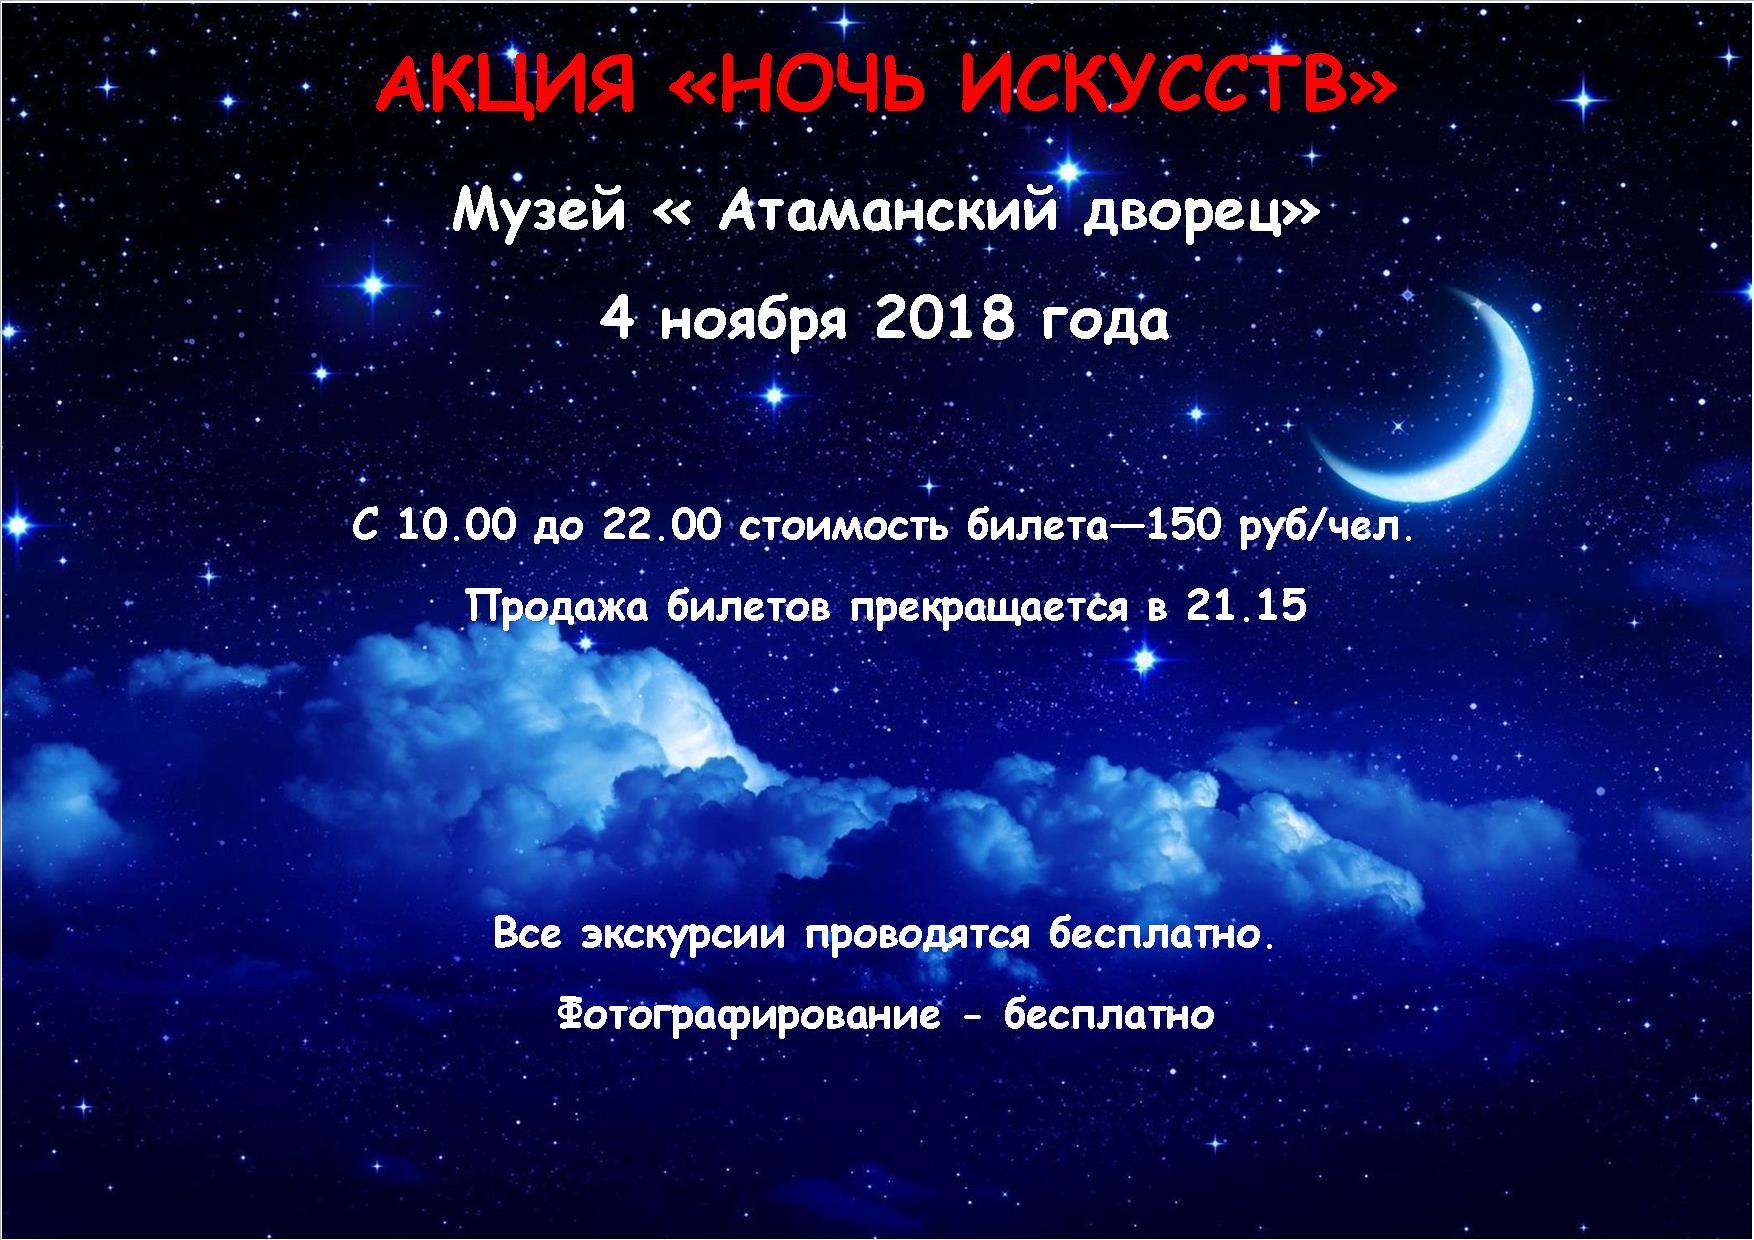 """Акция """"Ночь искусств"""" в Музее """"Атаманский дворец"""""""